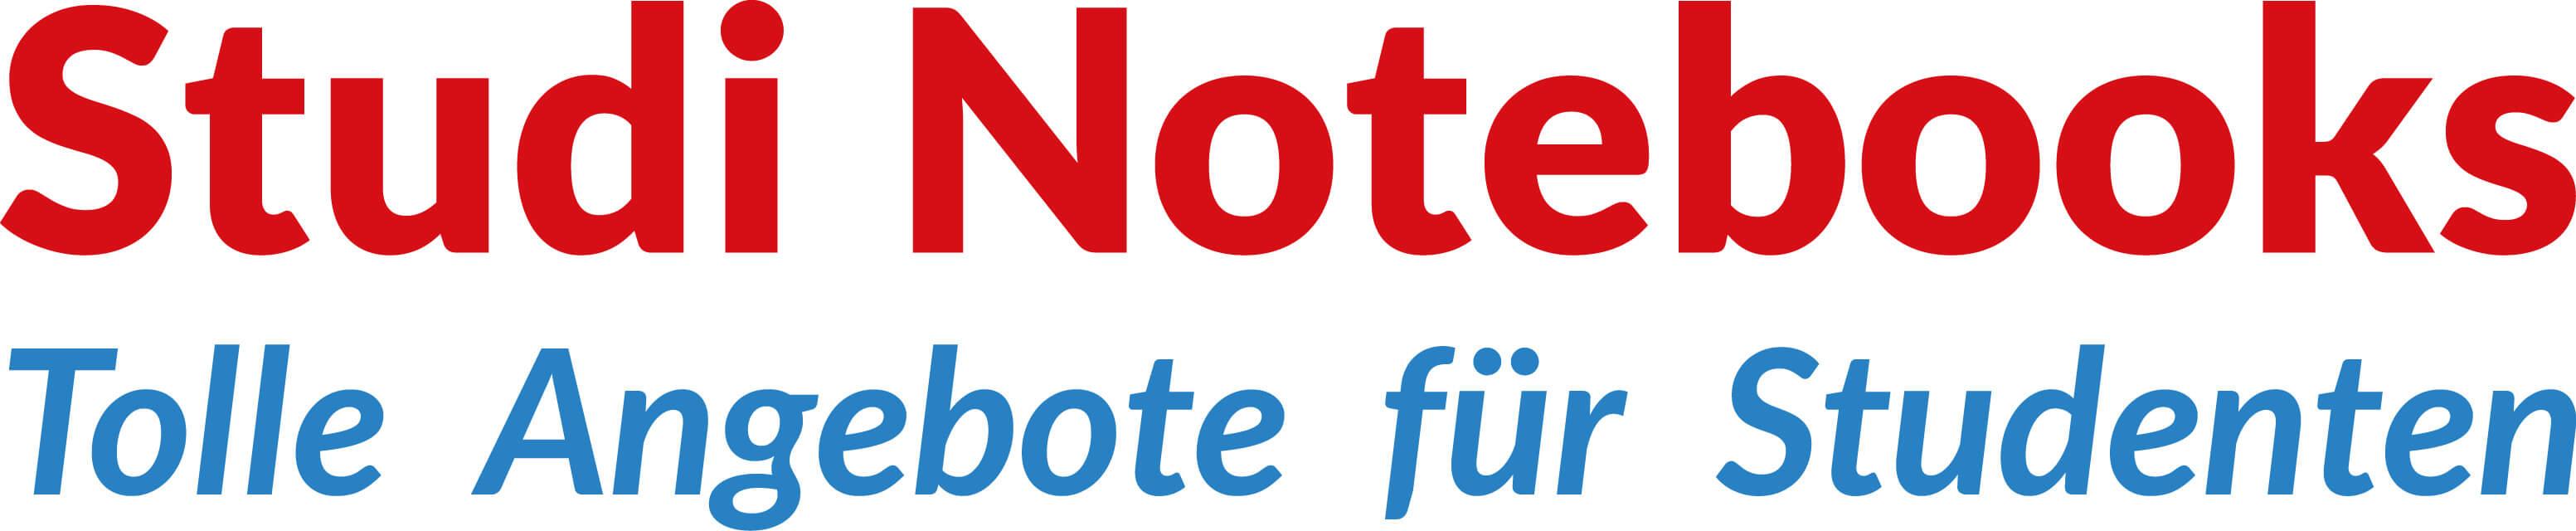 Studi Notebooks